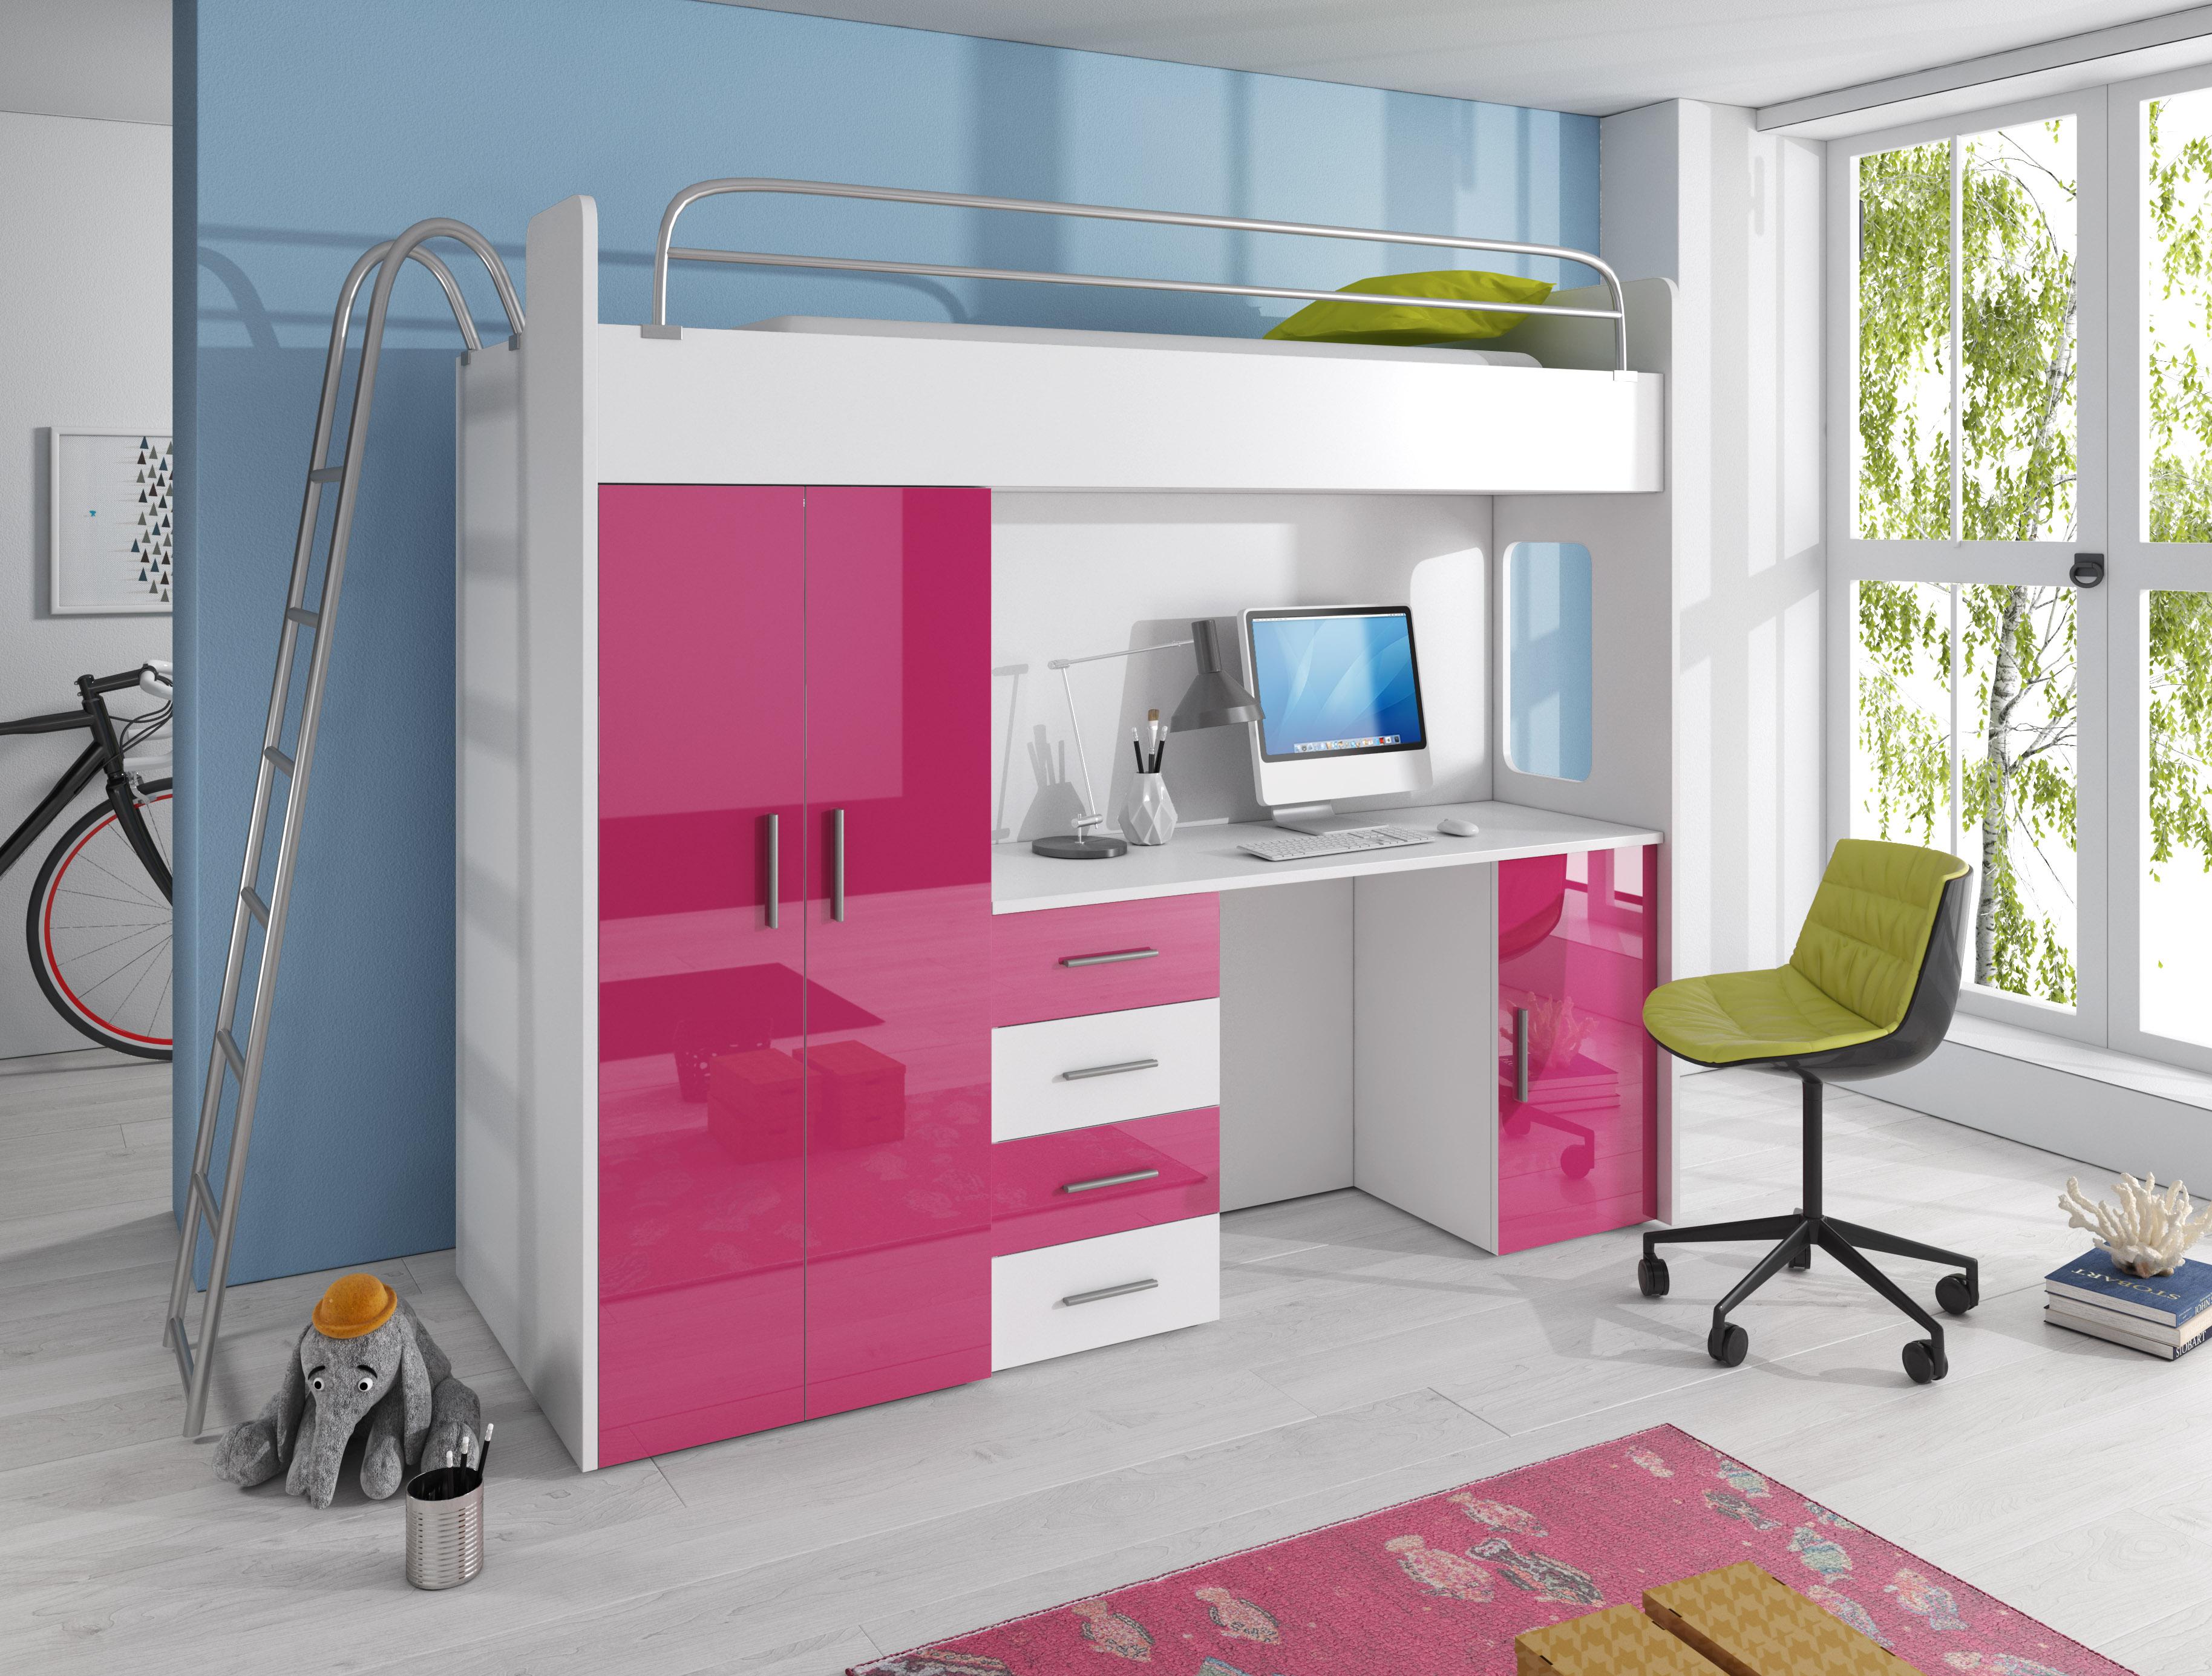 Dětská postel - Ruby IV D (Bílá + Růžová) (s matrací a roštem)